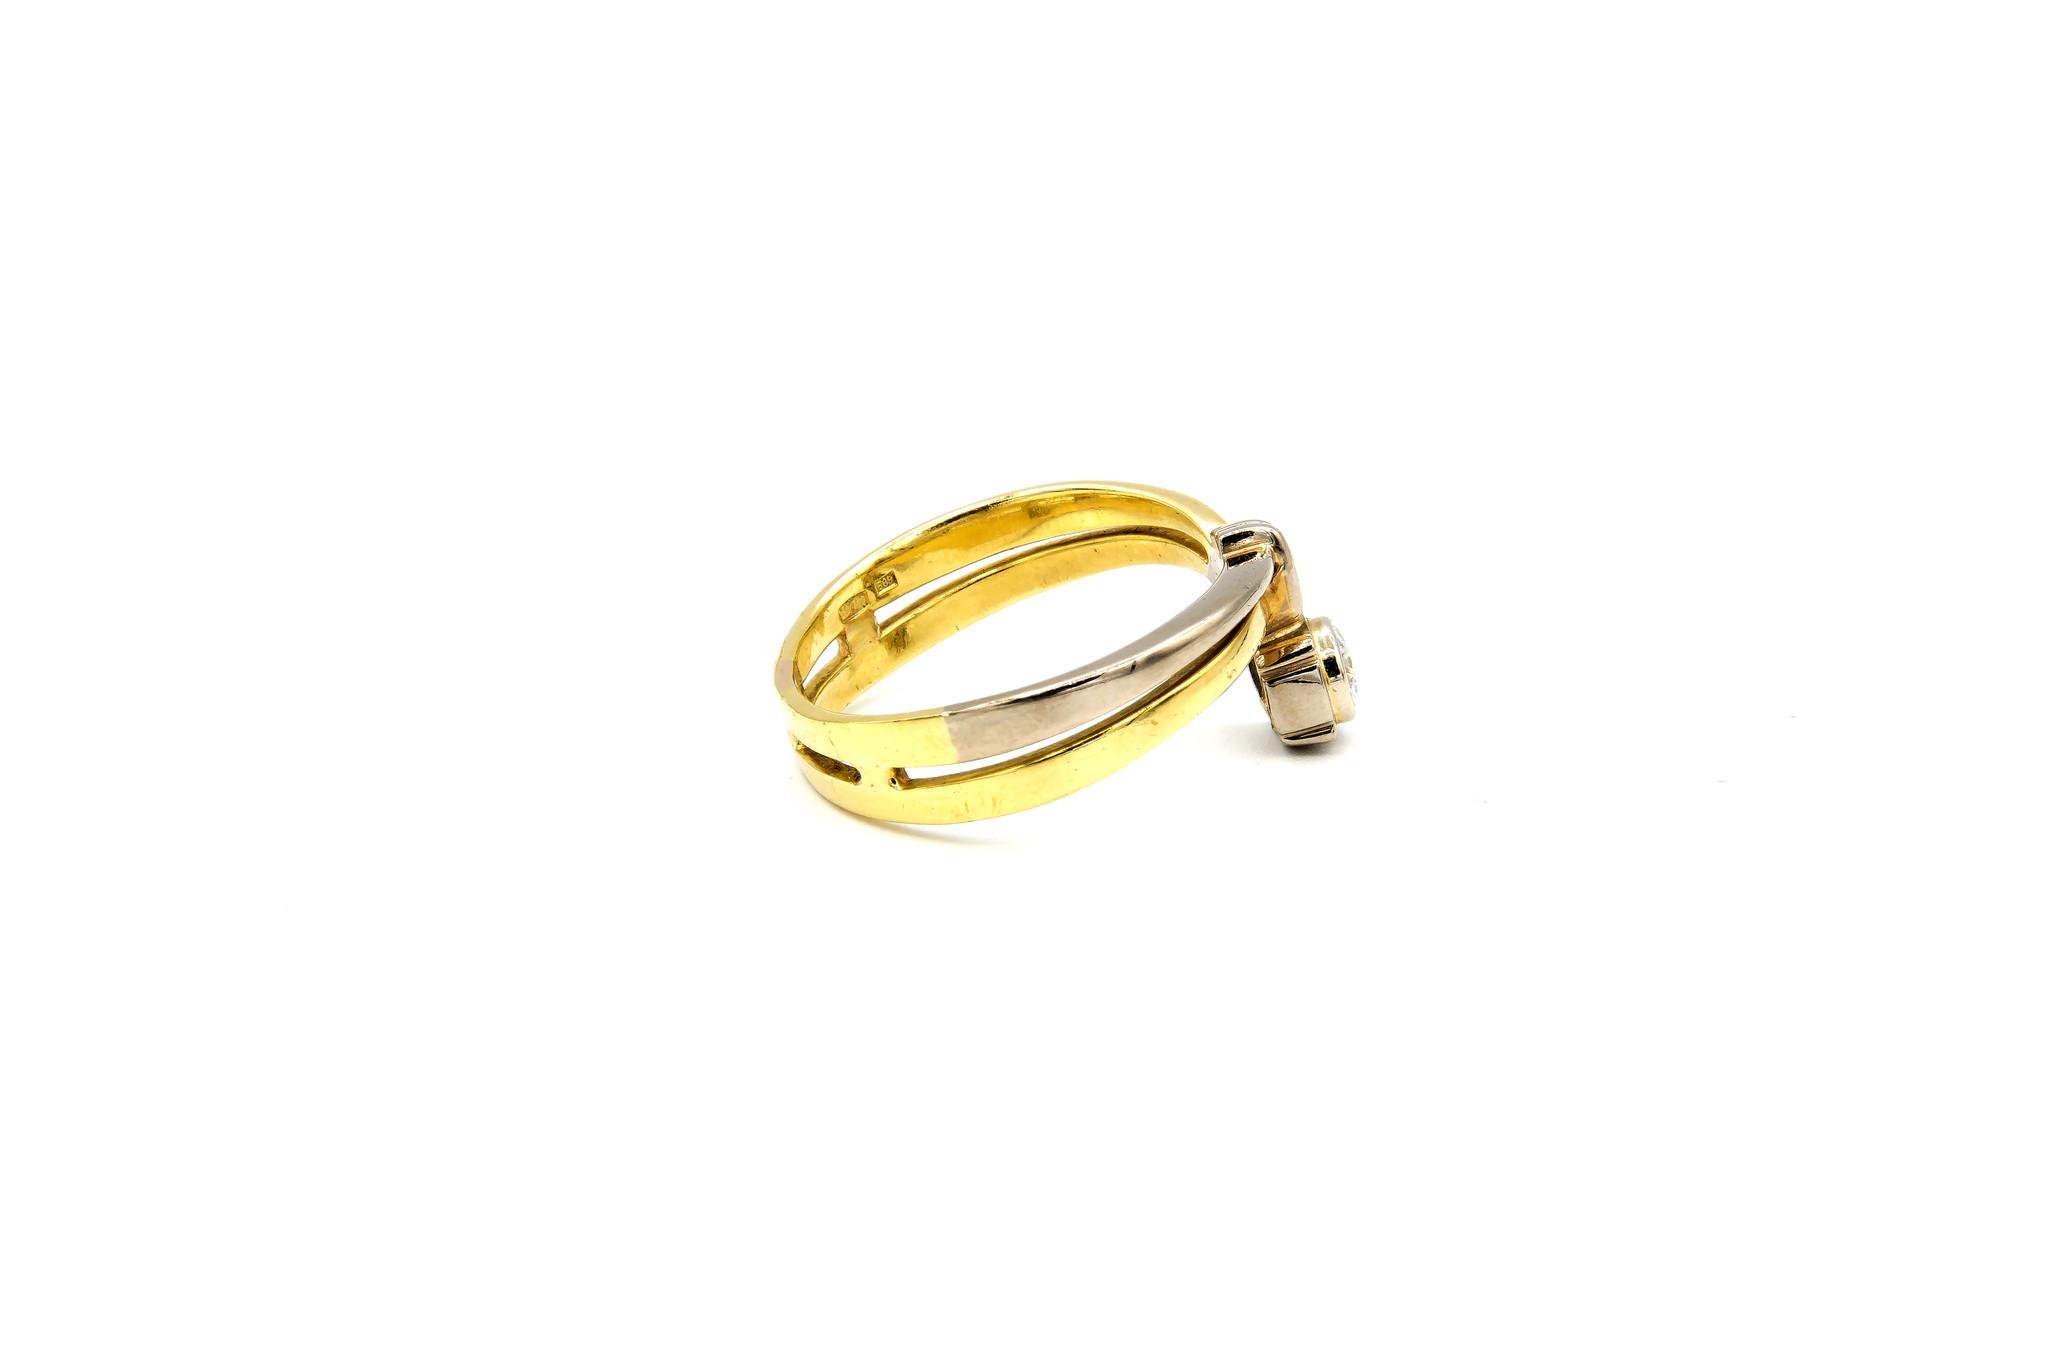 Ring verlovingsring bicolor dubbele rand met zirkonia aan de zijkant bicolor-4